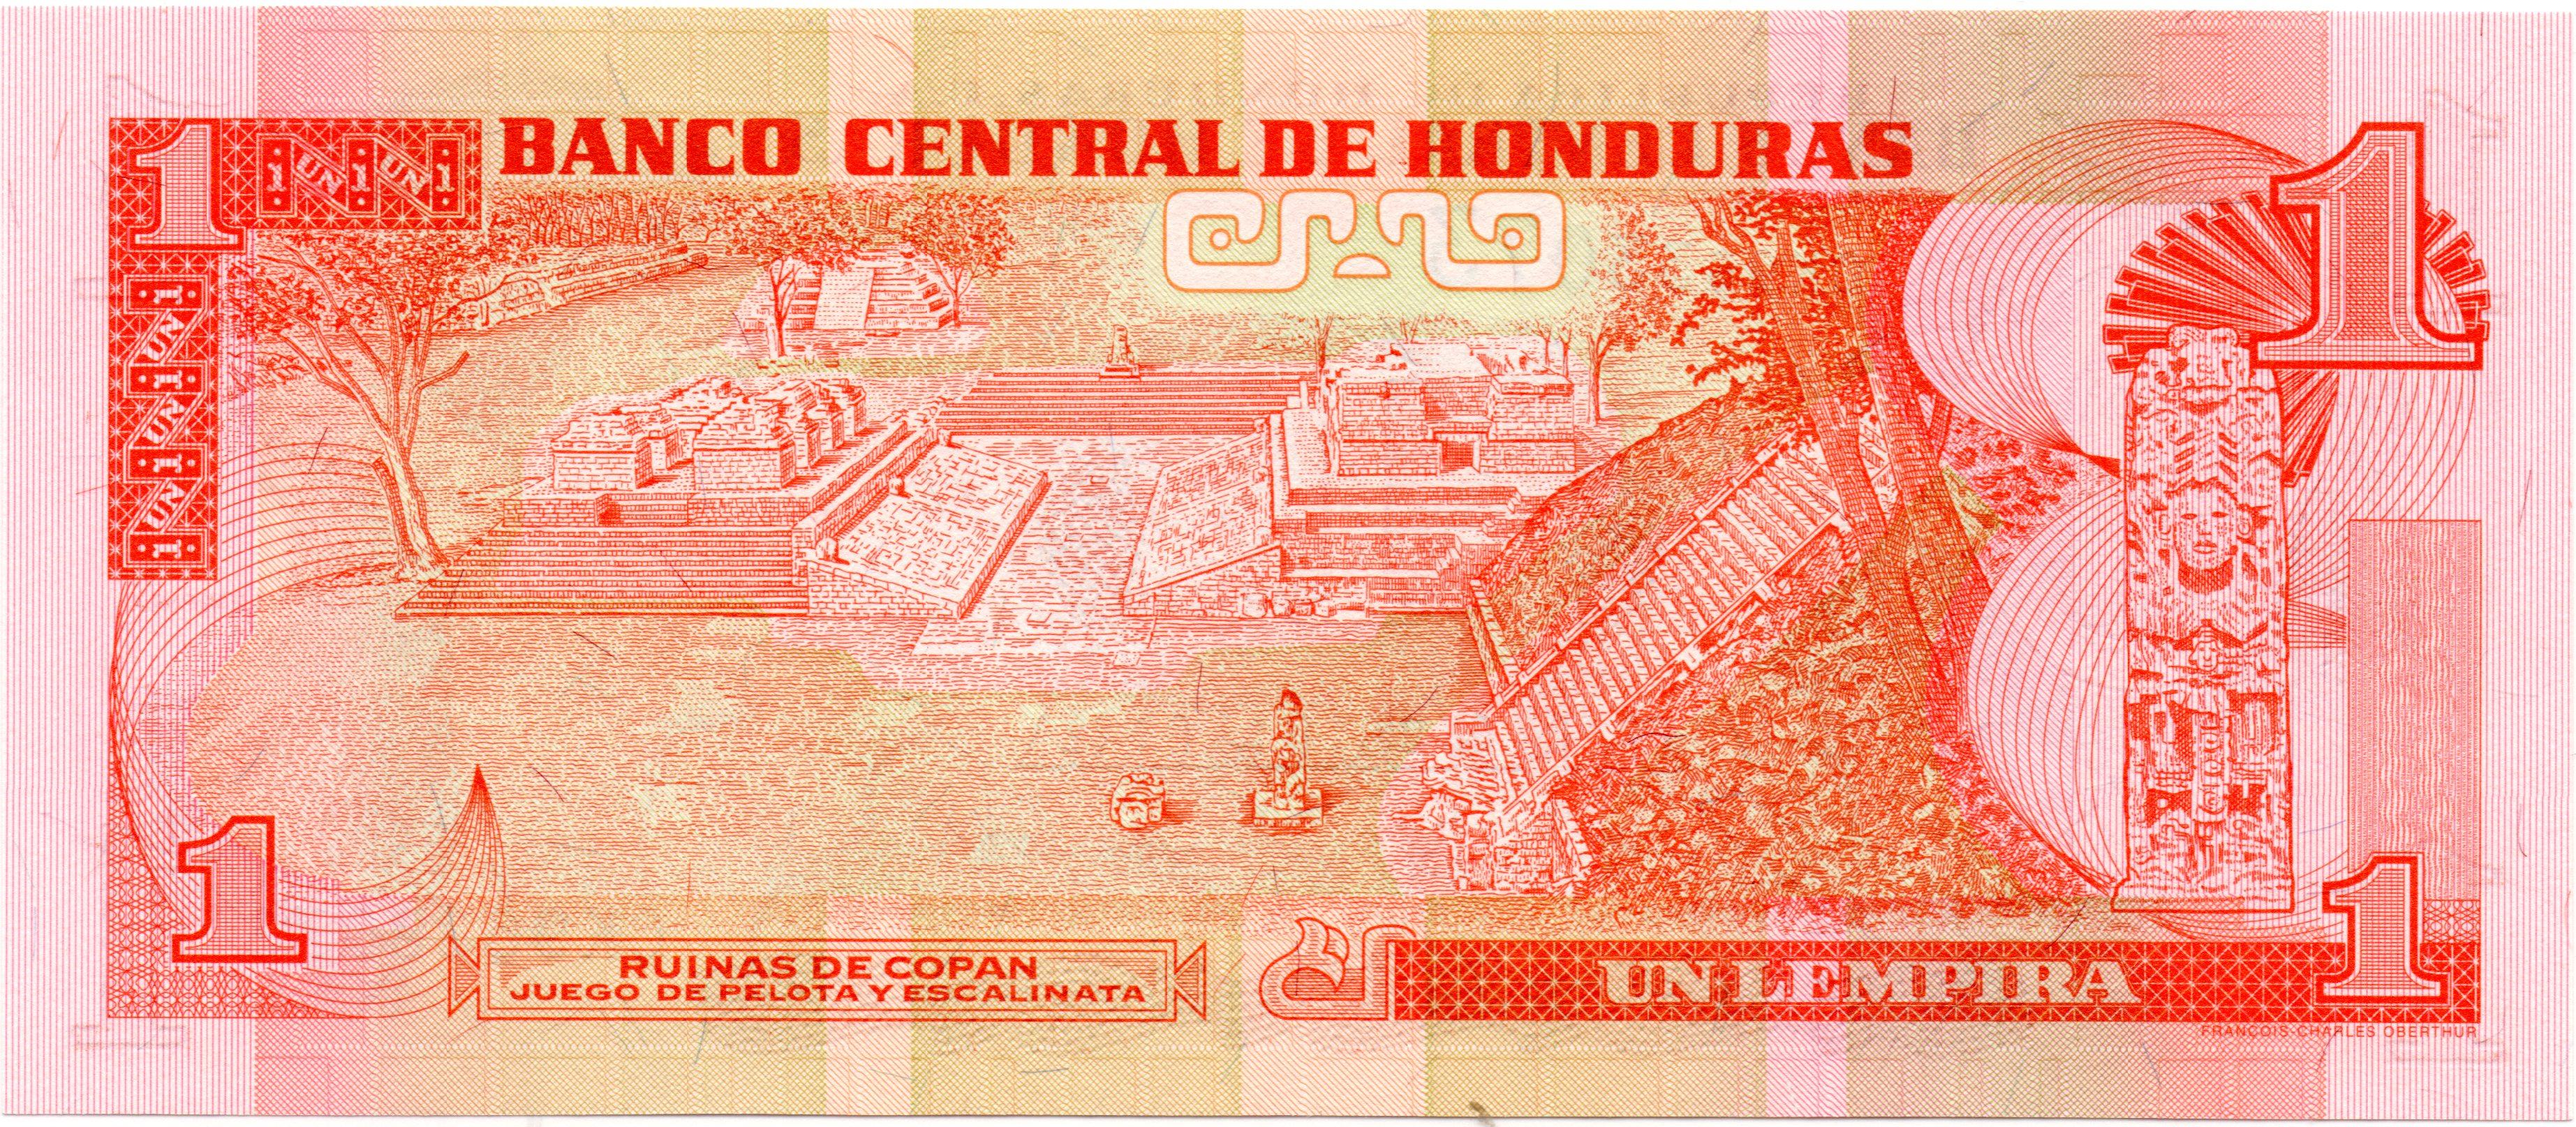 HONDURAS 1 LEMPIRA 2004 P 84 UNC